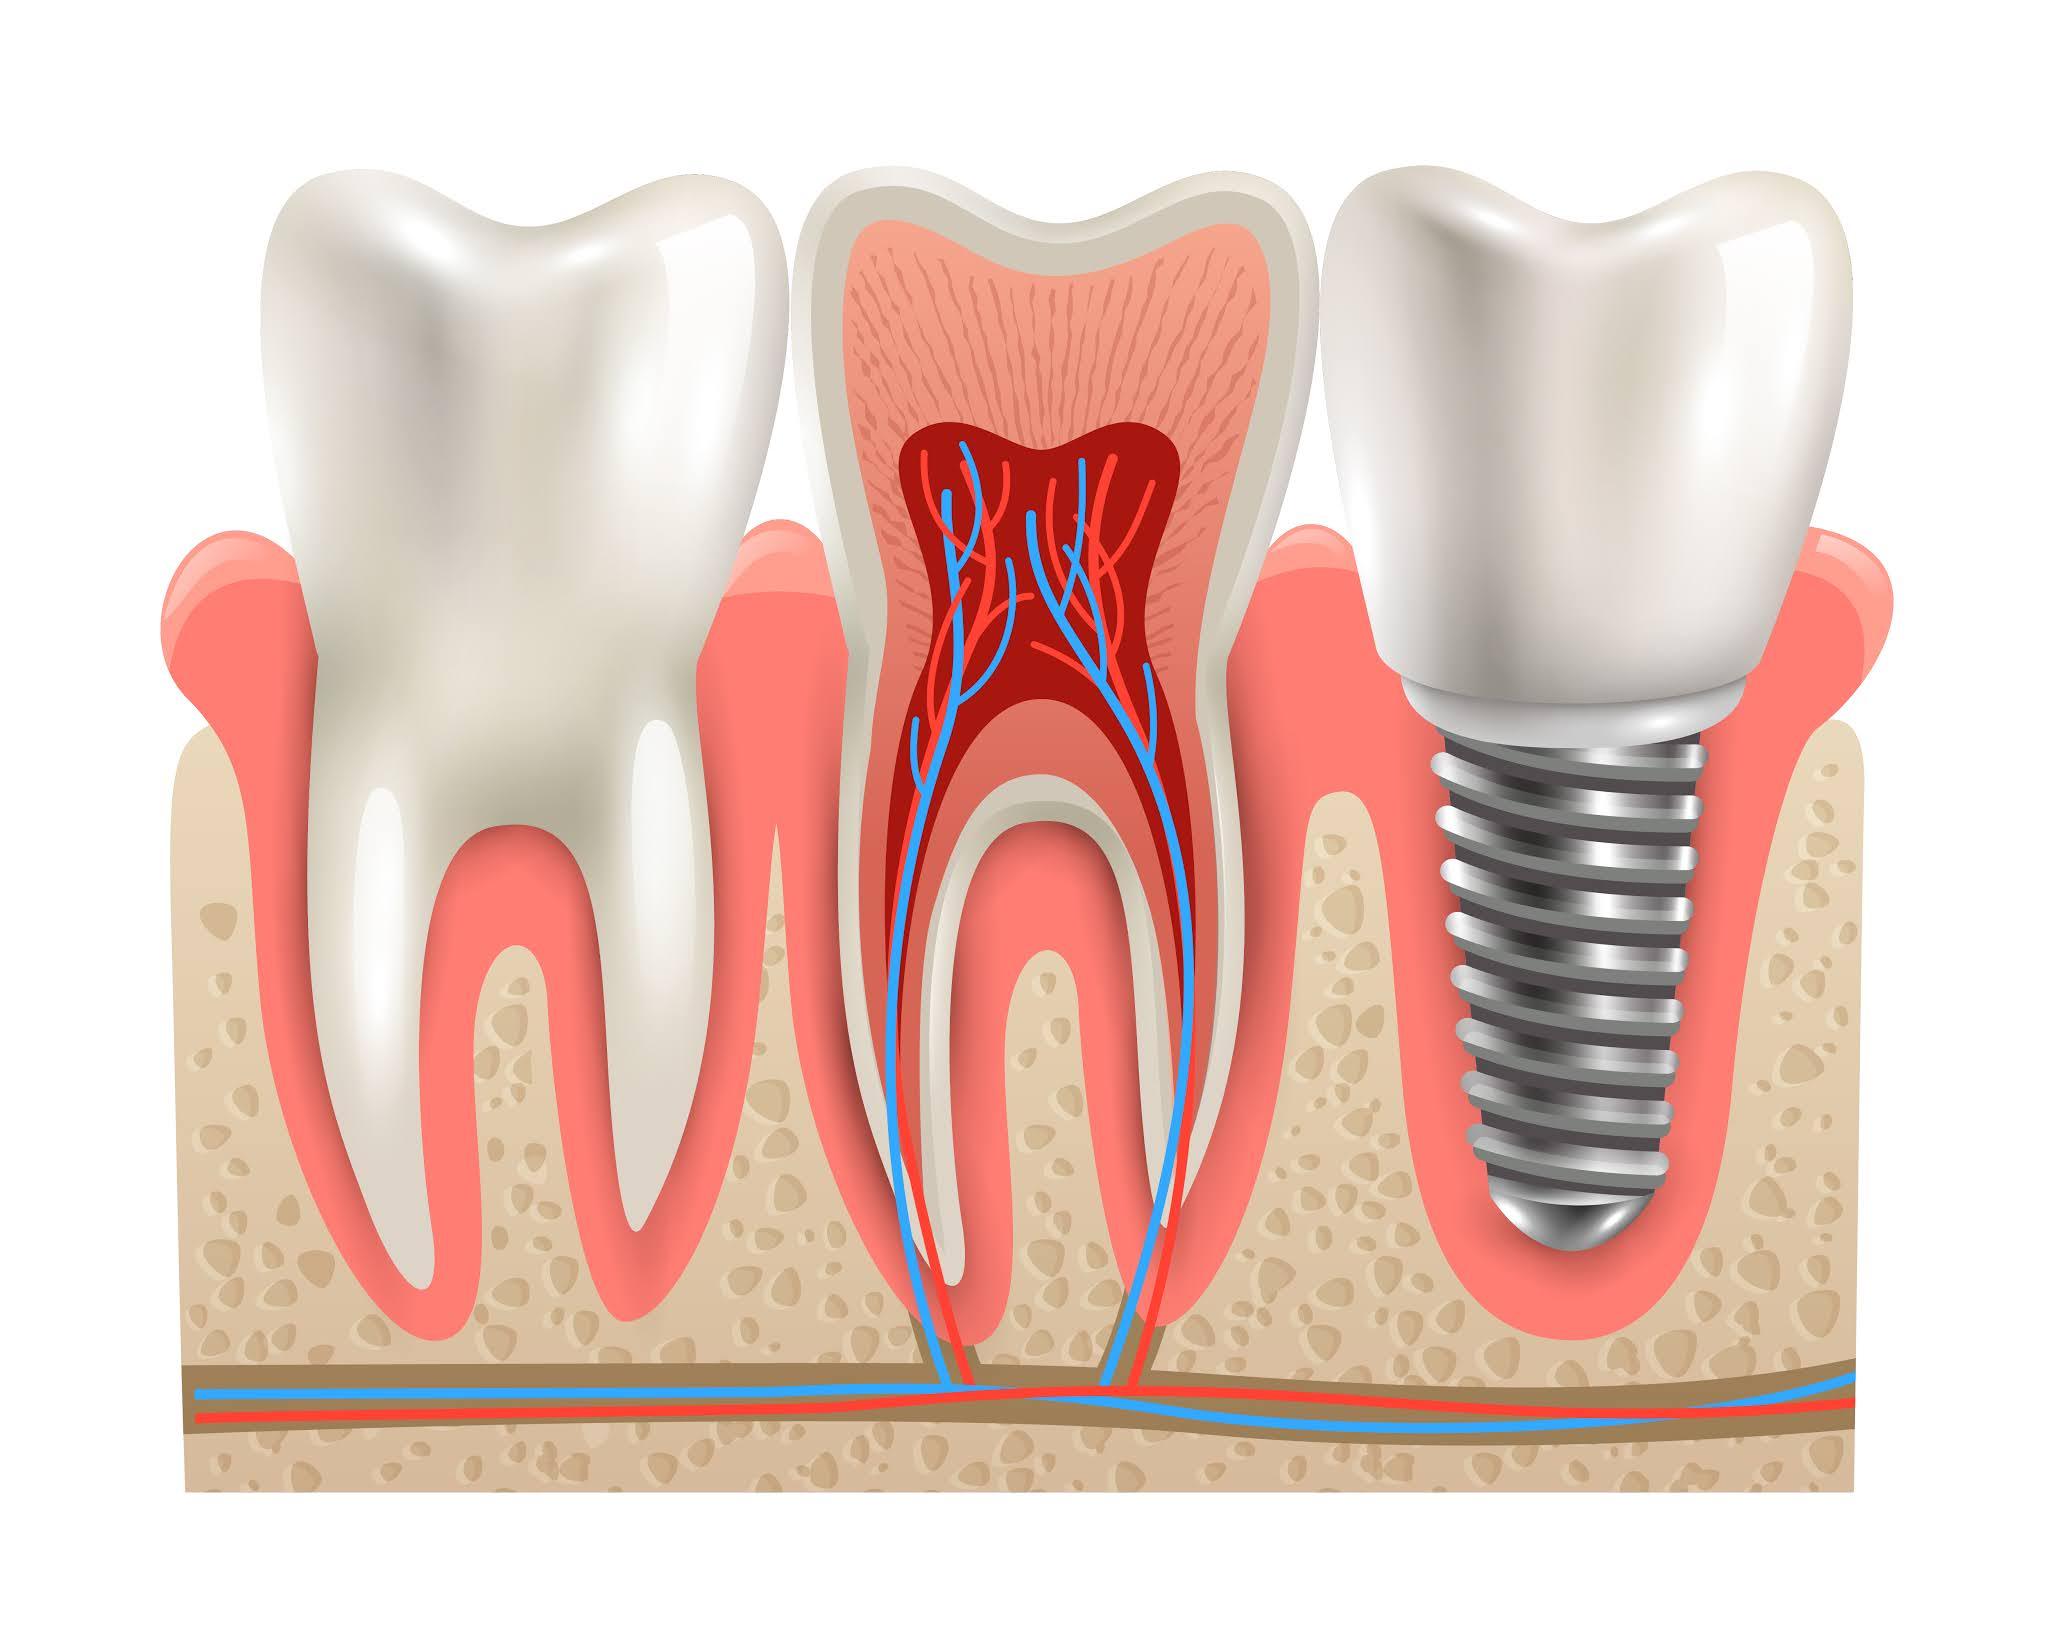 afiş Tıbbi Taç Diş Doğa Ağız Öğrenme Diş modeli Bakım Sağlık hizmeti klinik Görünüm yapı Vida Anatomi Kesmek Ameliyat Gerçekçi hijyen Eğitim teknisyen Sakız tedavi Yardım dış cephe kaplaması Önleme implant Emaye Porselen Kanal Oral Yapay Şematik Stomatoloji Uzakta Değiştir azı dişleri Anatomik Kapatmak çürük çürüme ortodontist